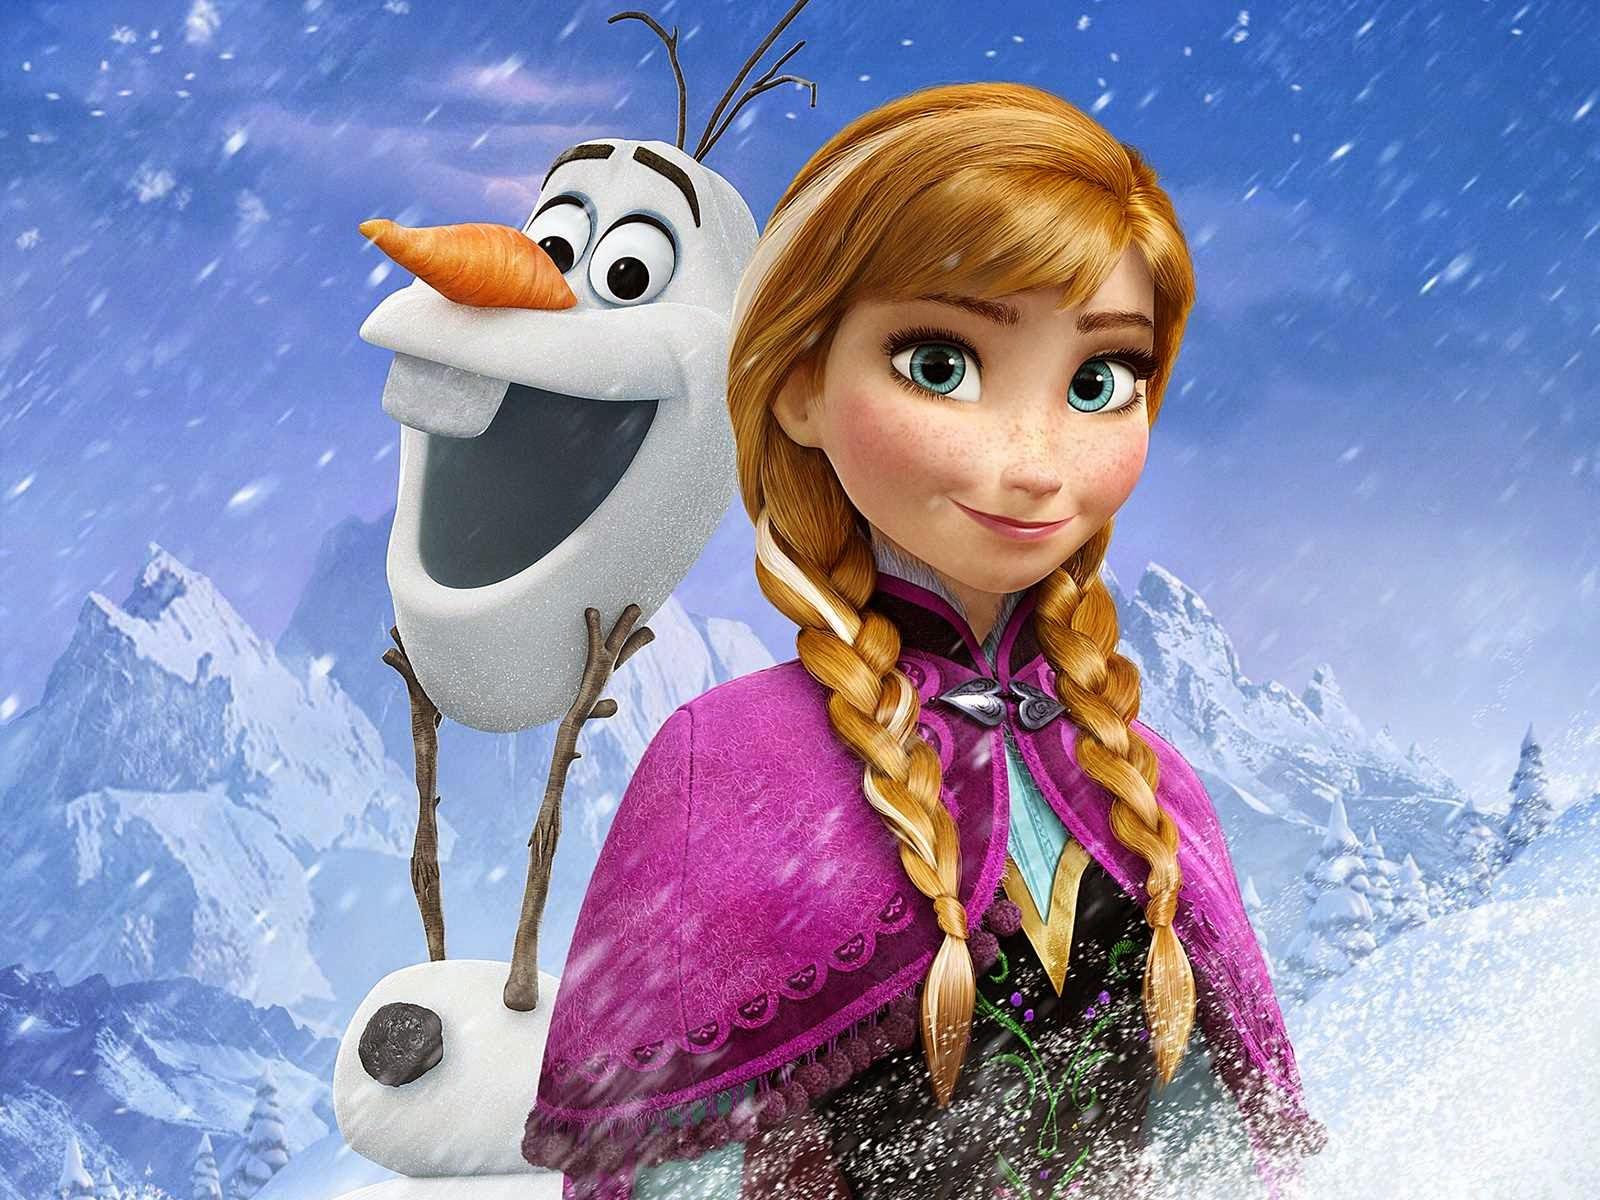 كل يوم صورة ثقافيةأجمل الخلفيات لفيلم Frozen (ملكة الثلج)